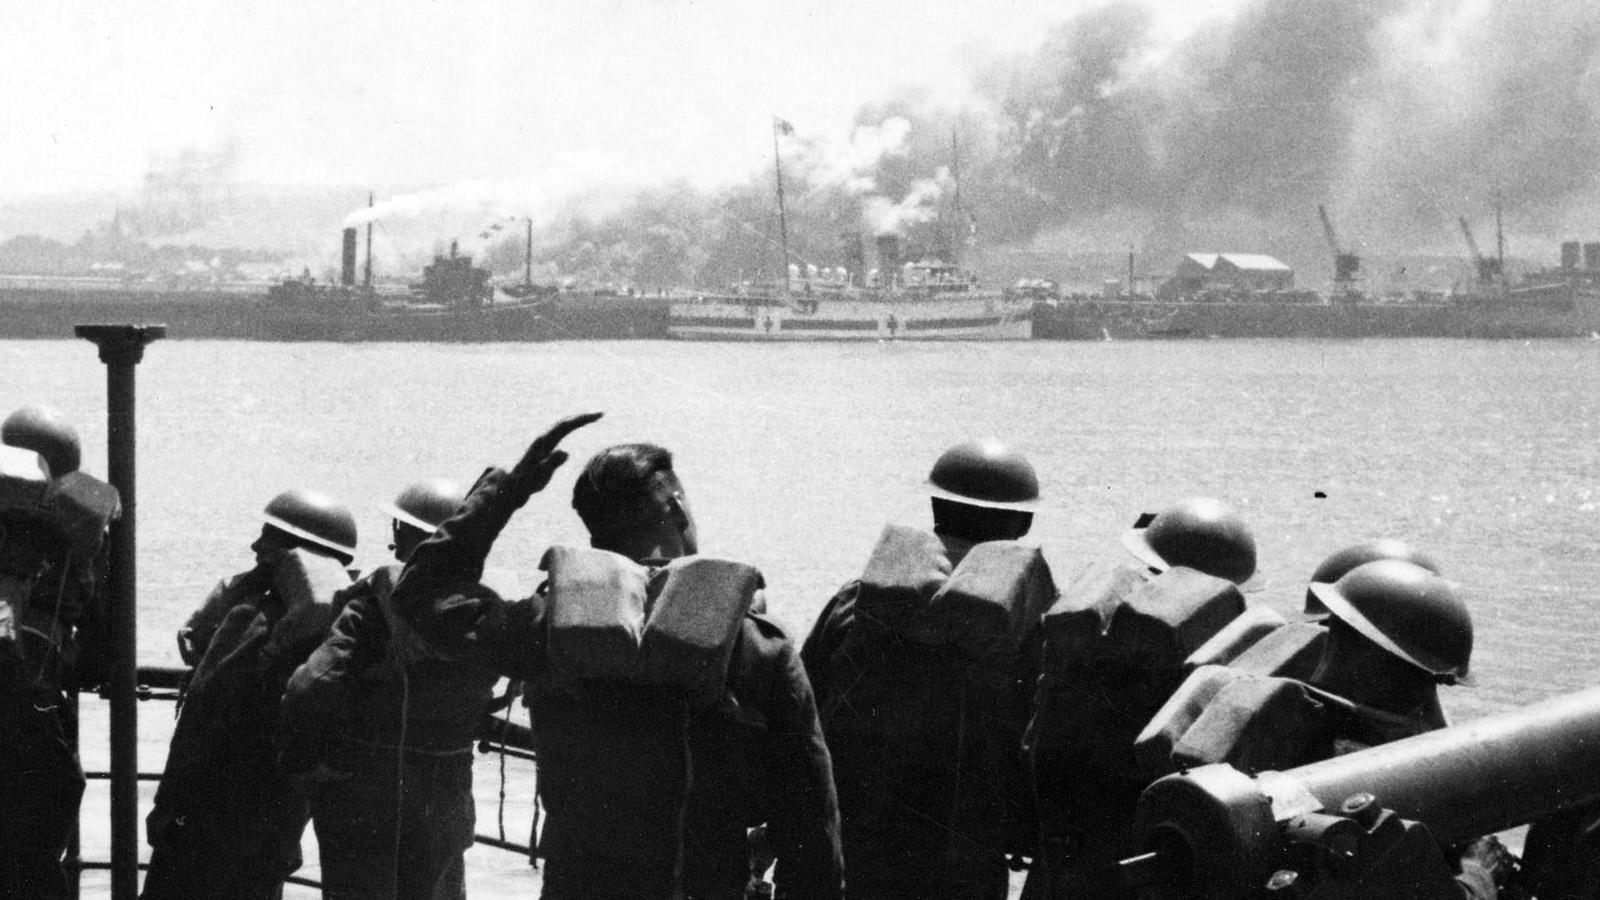 Дюнкерк вторая мировая война операция динамо кристофер нолан кино режиссер фильм imax новости отвратительные мужики